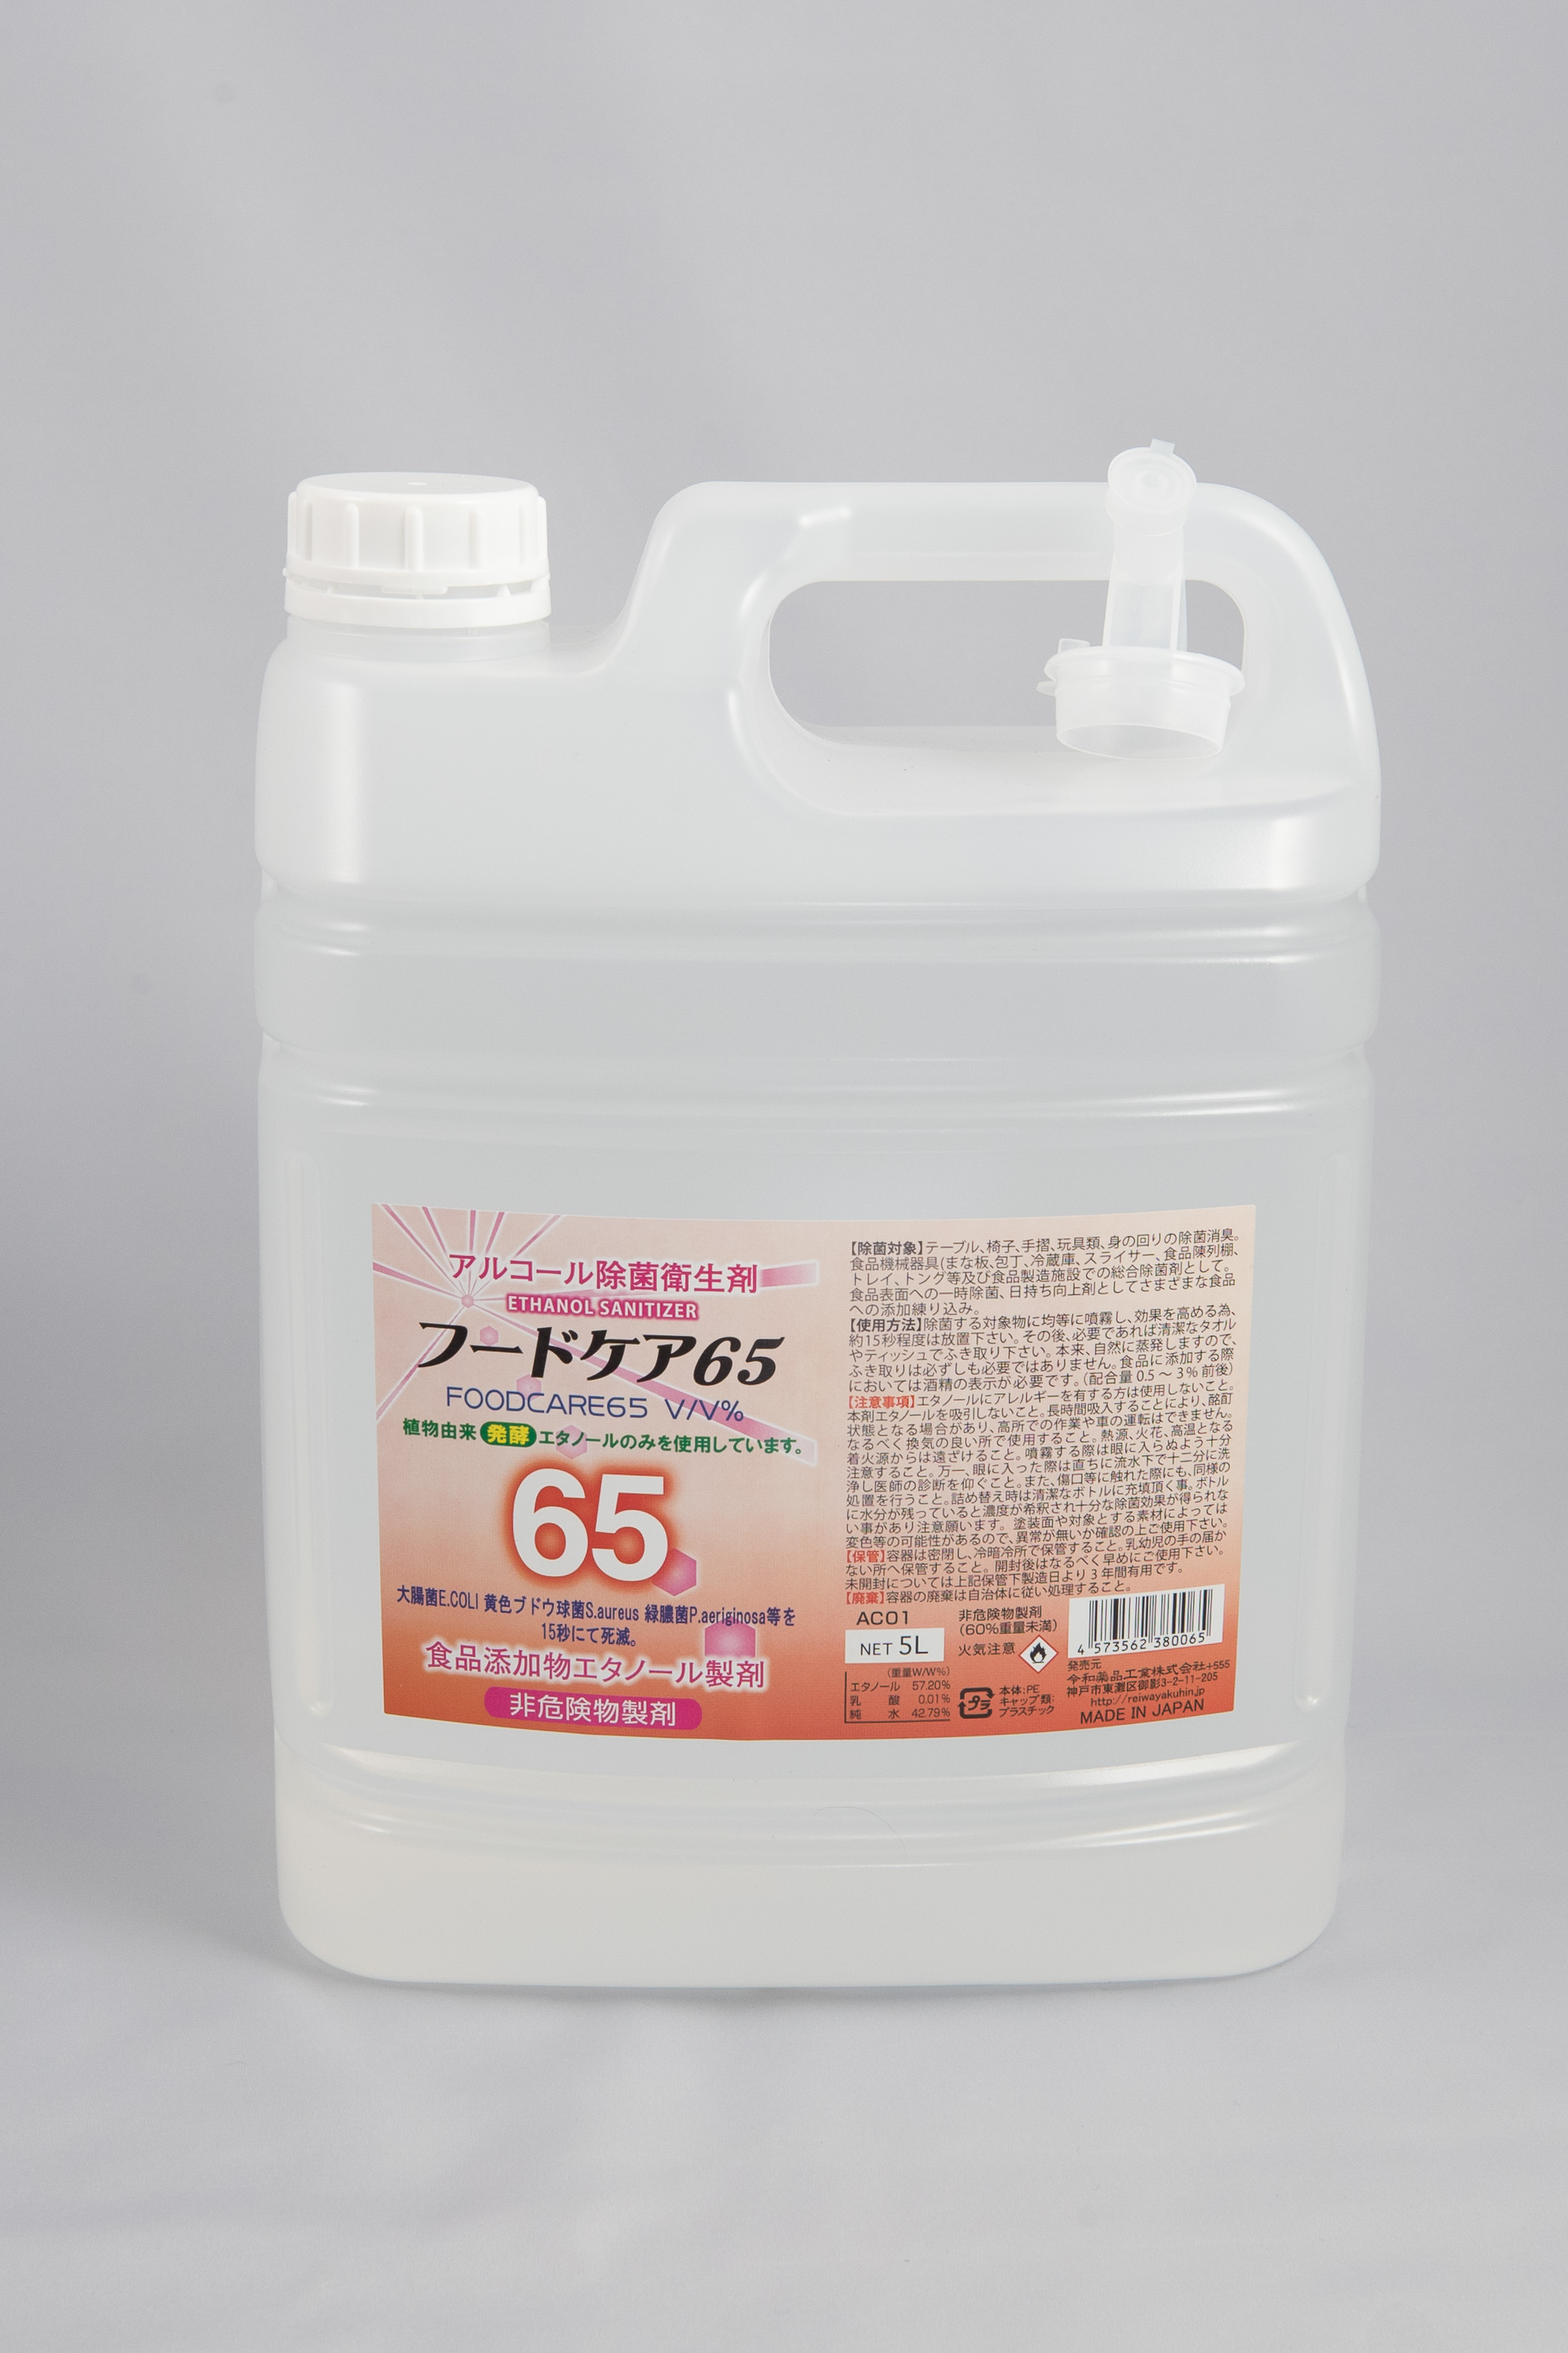 フードケア65 5Lボトル / ケース:吐き出しノズル付  【消毒エタノール代替品】  エタノール濃度V/V% 65V/V画像